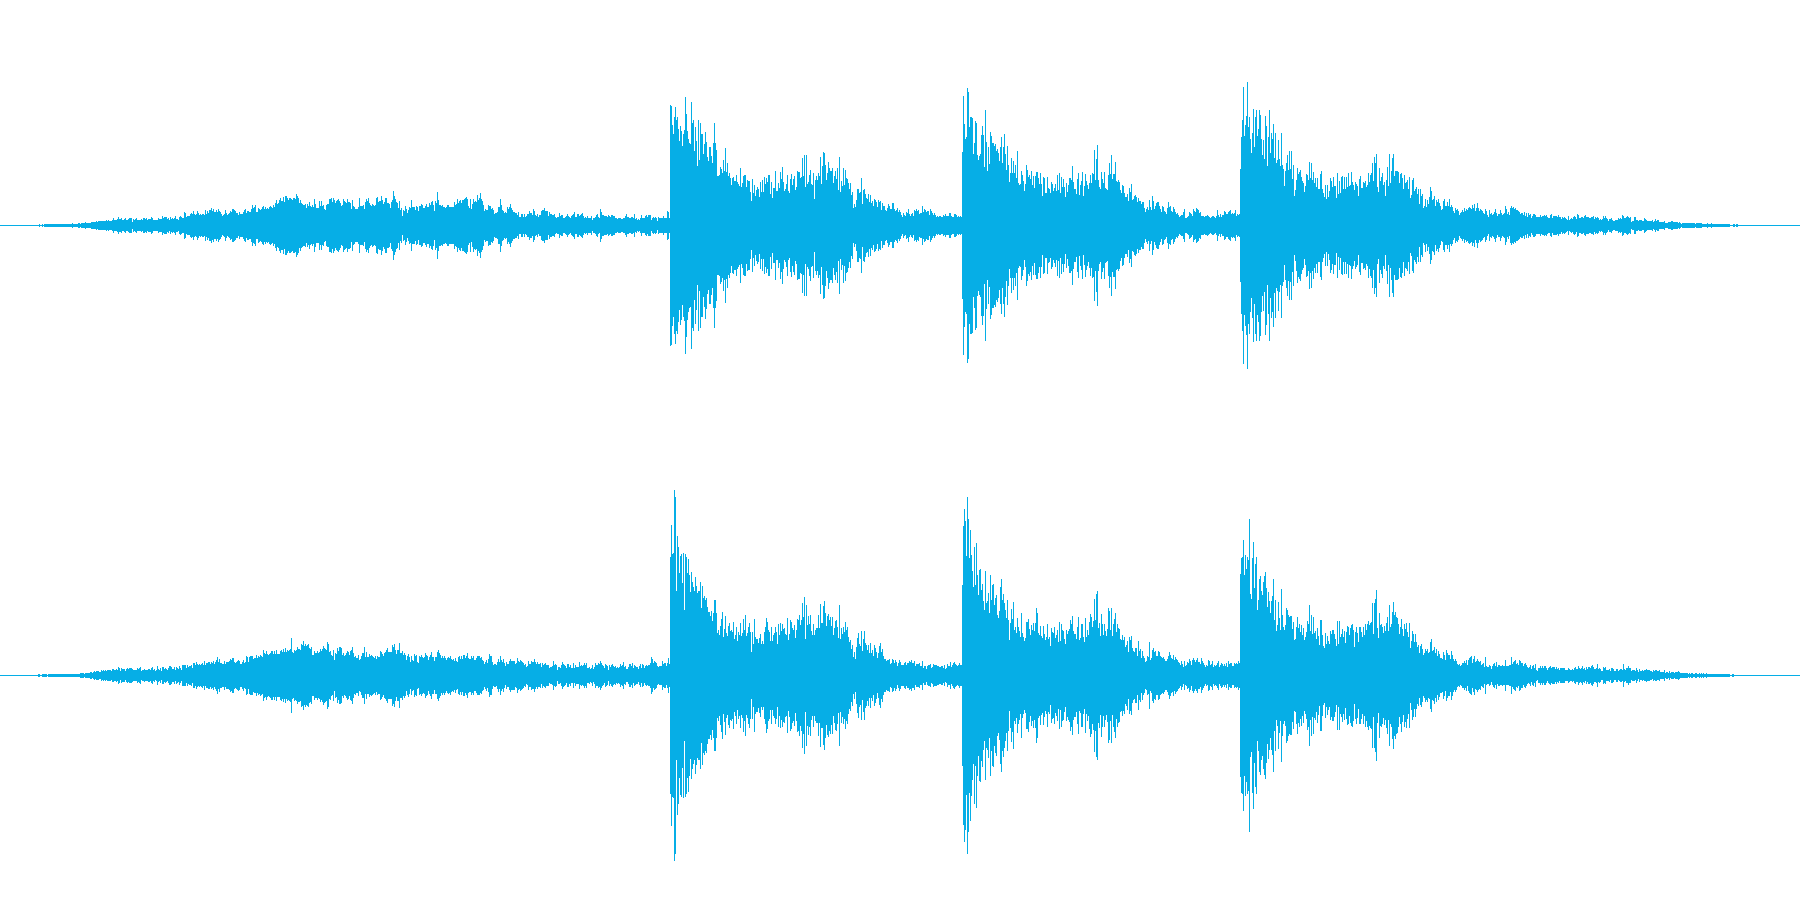 ホラー向き楽曲。何かが起こる前兆のよう…の再生済みの波形